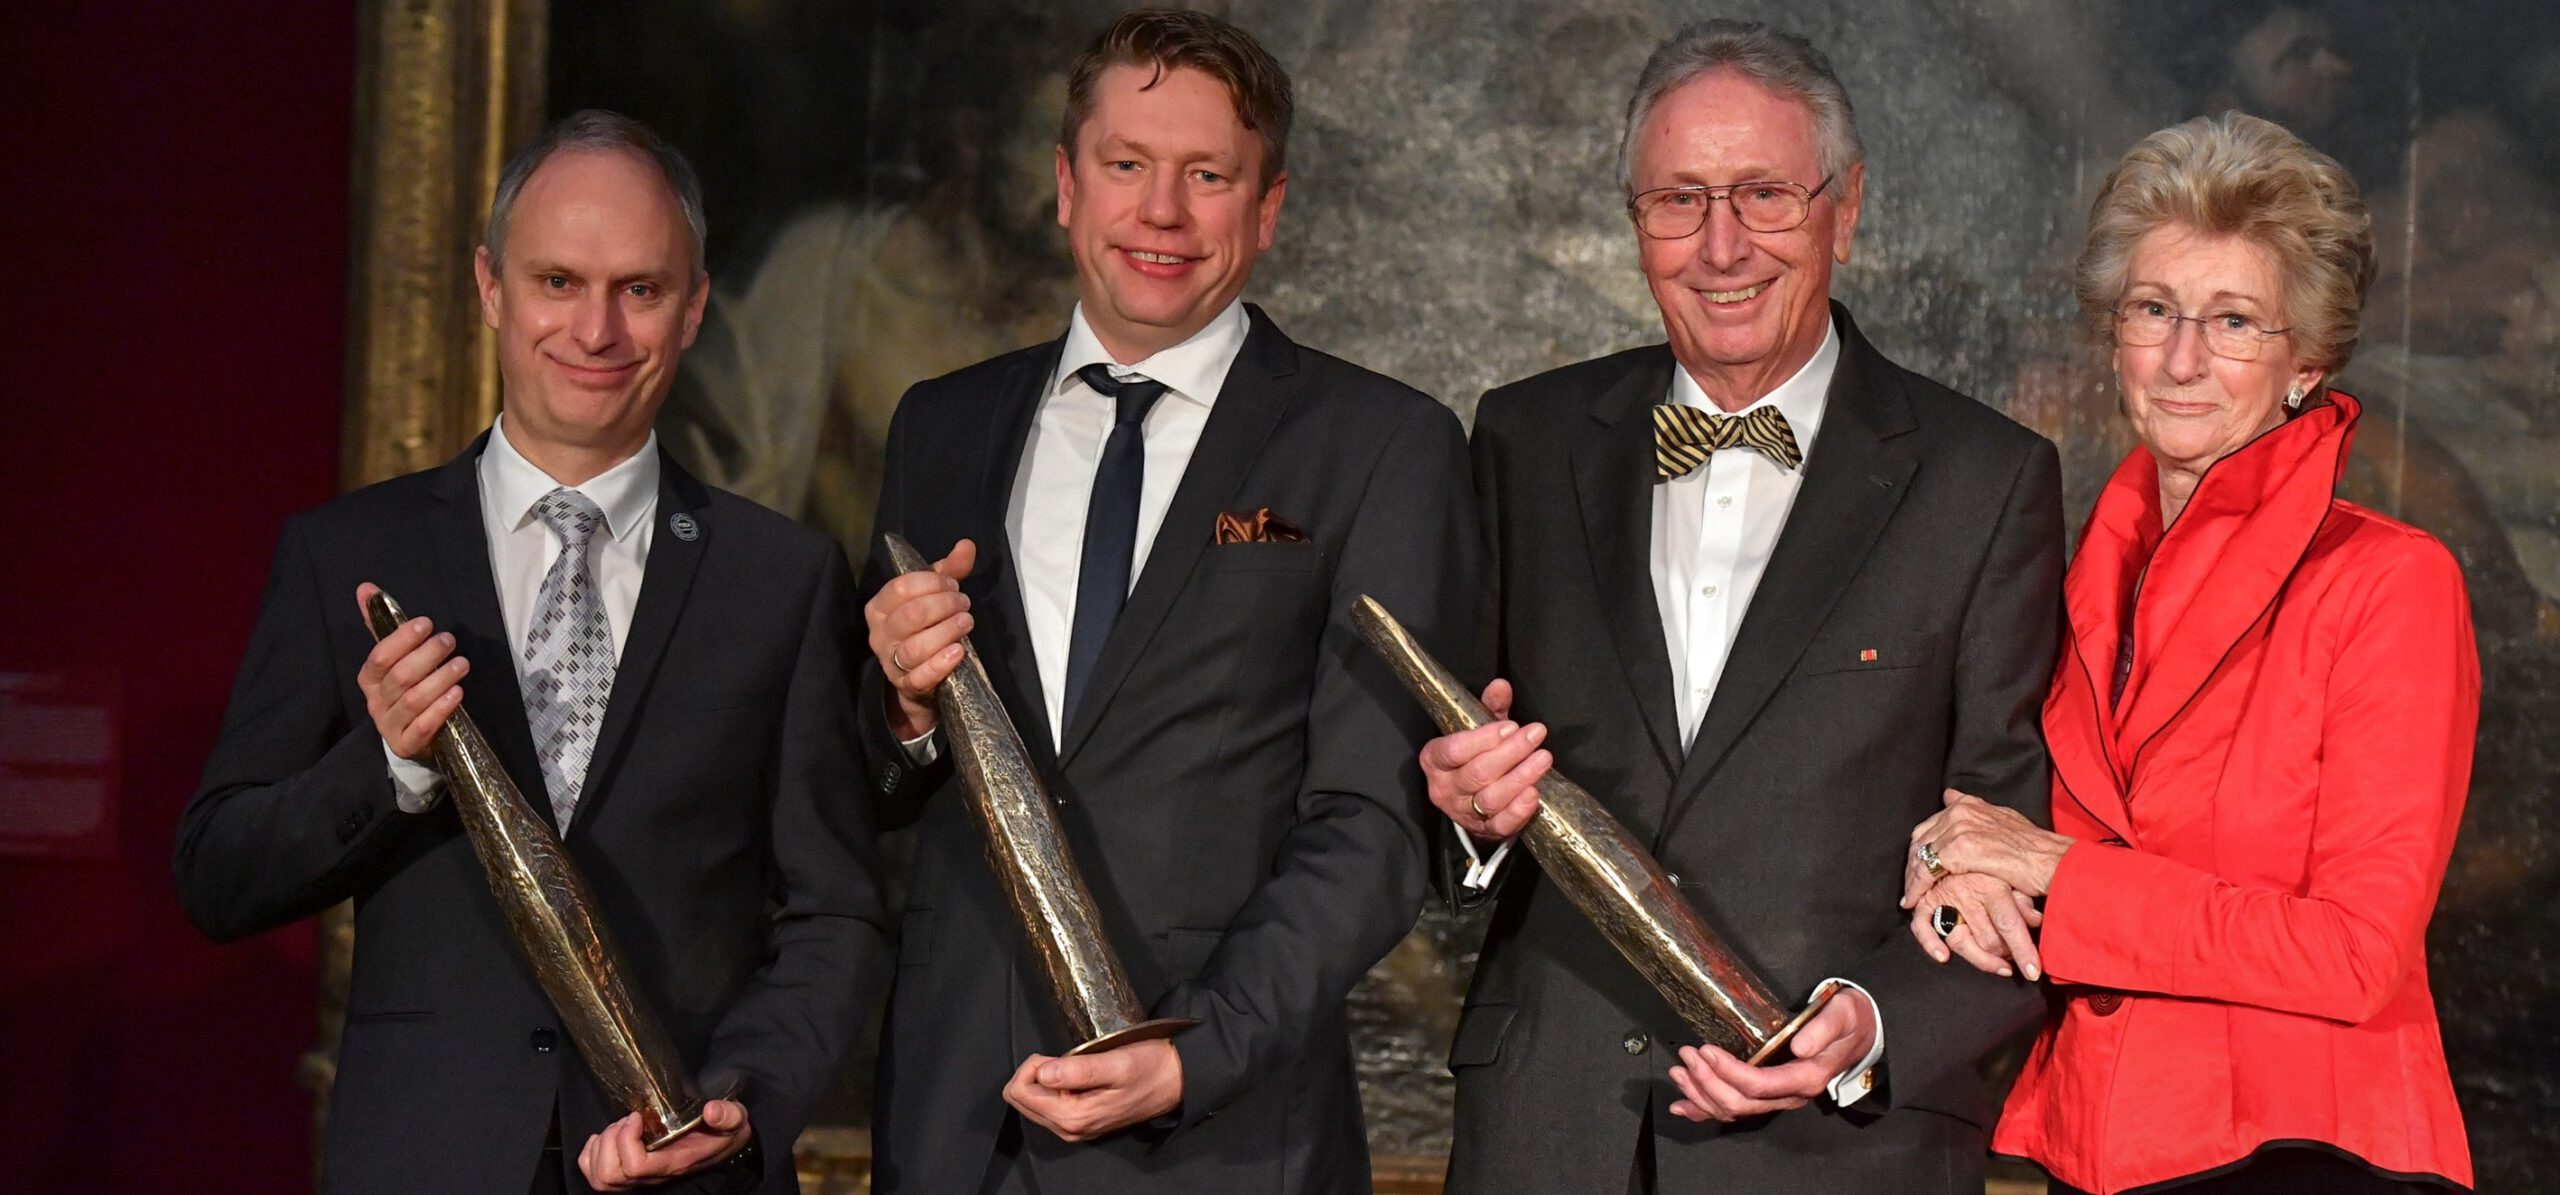 Pro.movere 2018: Preise an das Ehepaar Hector sowie an die Wissenschaftler Prof. Hirsch und Prof. Niessing